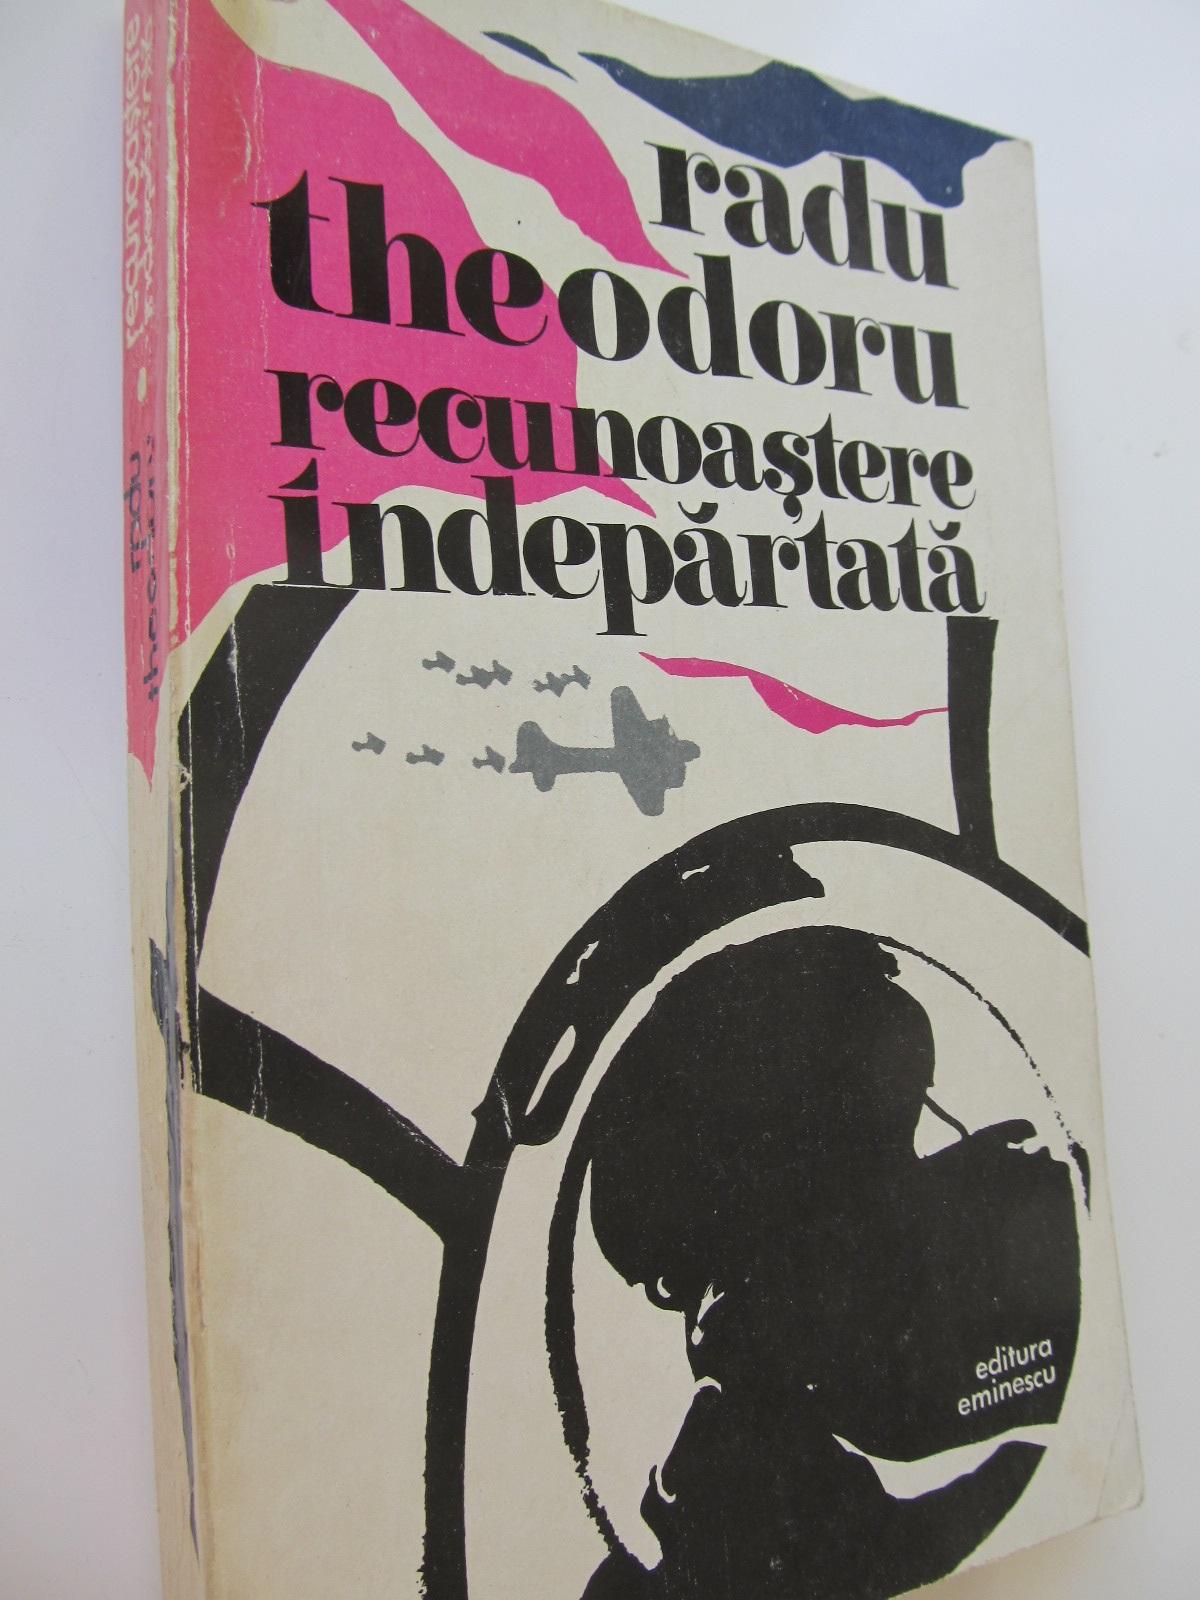 Recunoastere indepartata - Radu Theodoru | Detalii carte